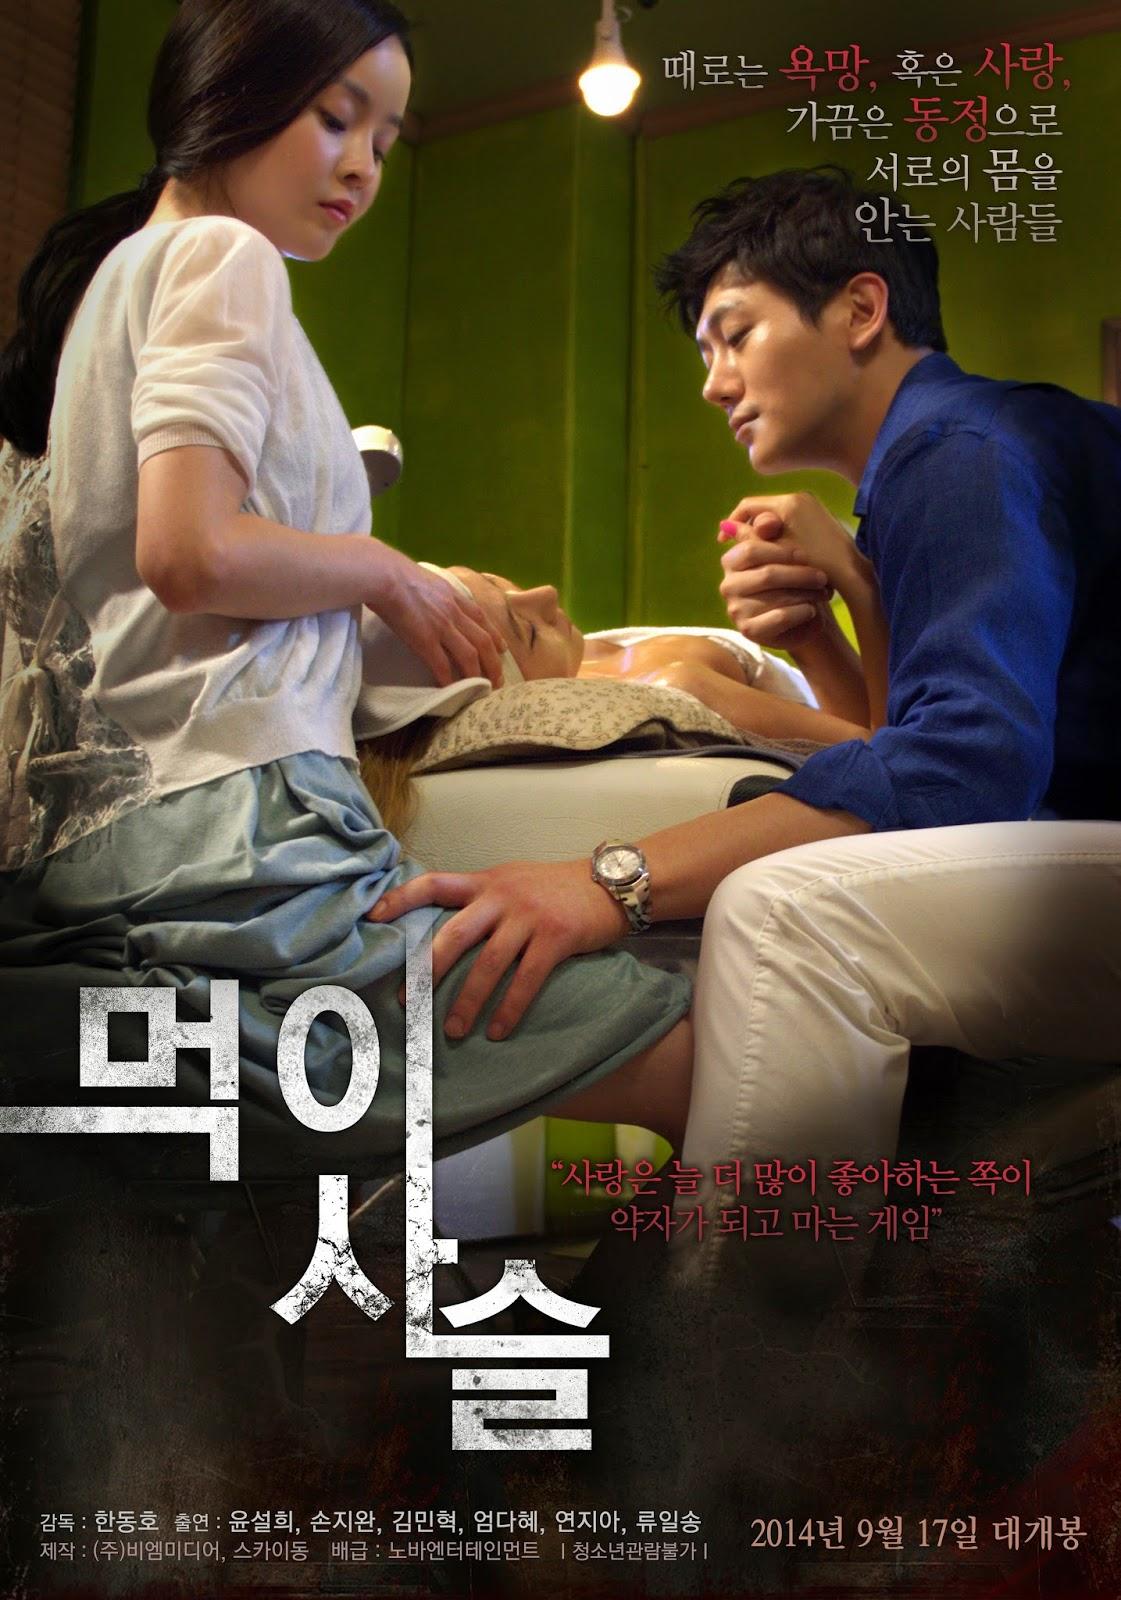 koreyskie-seksualnie-filmi